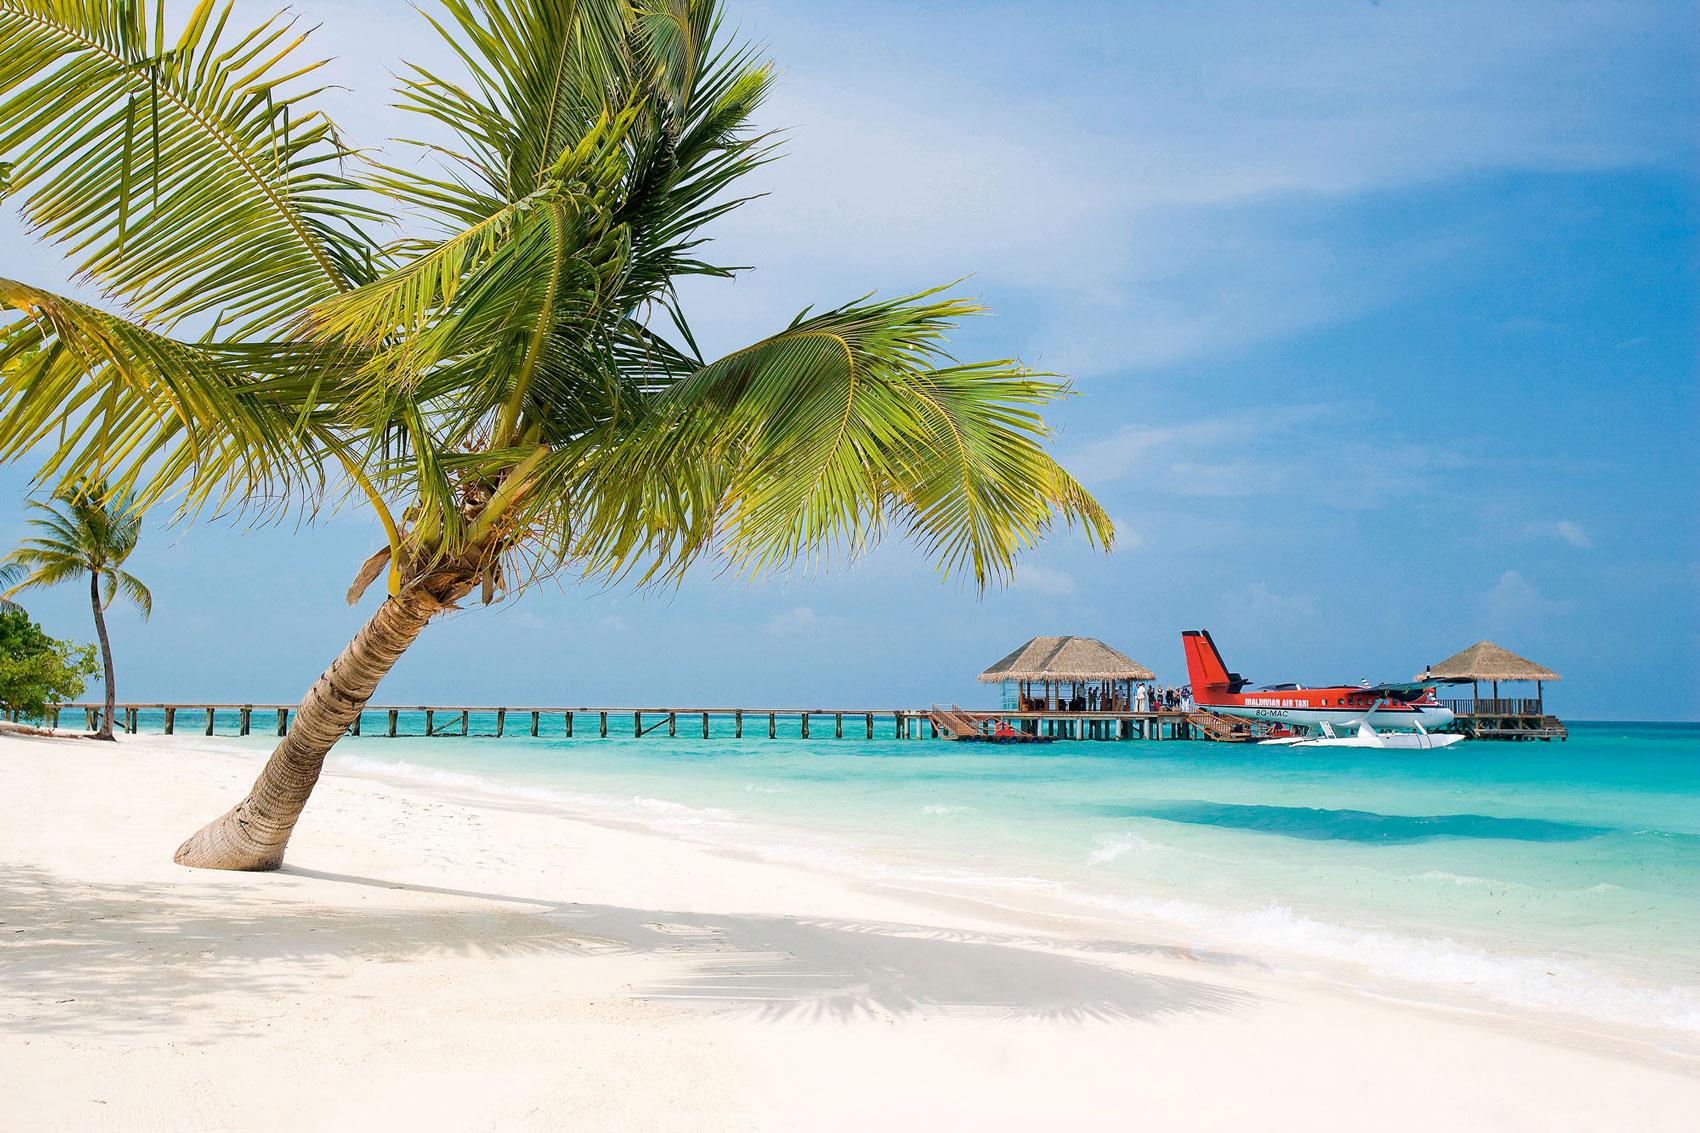 LUX-Maldives-02